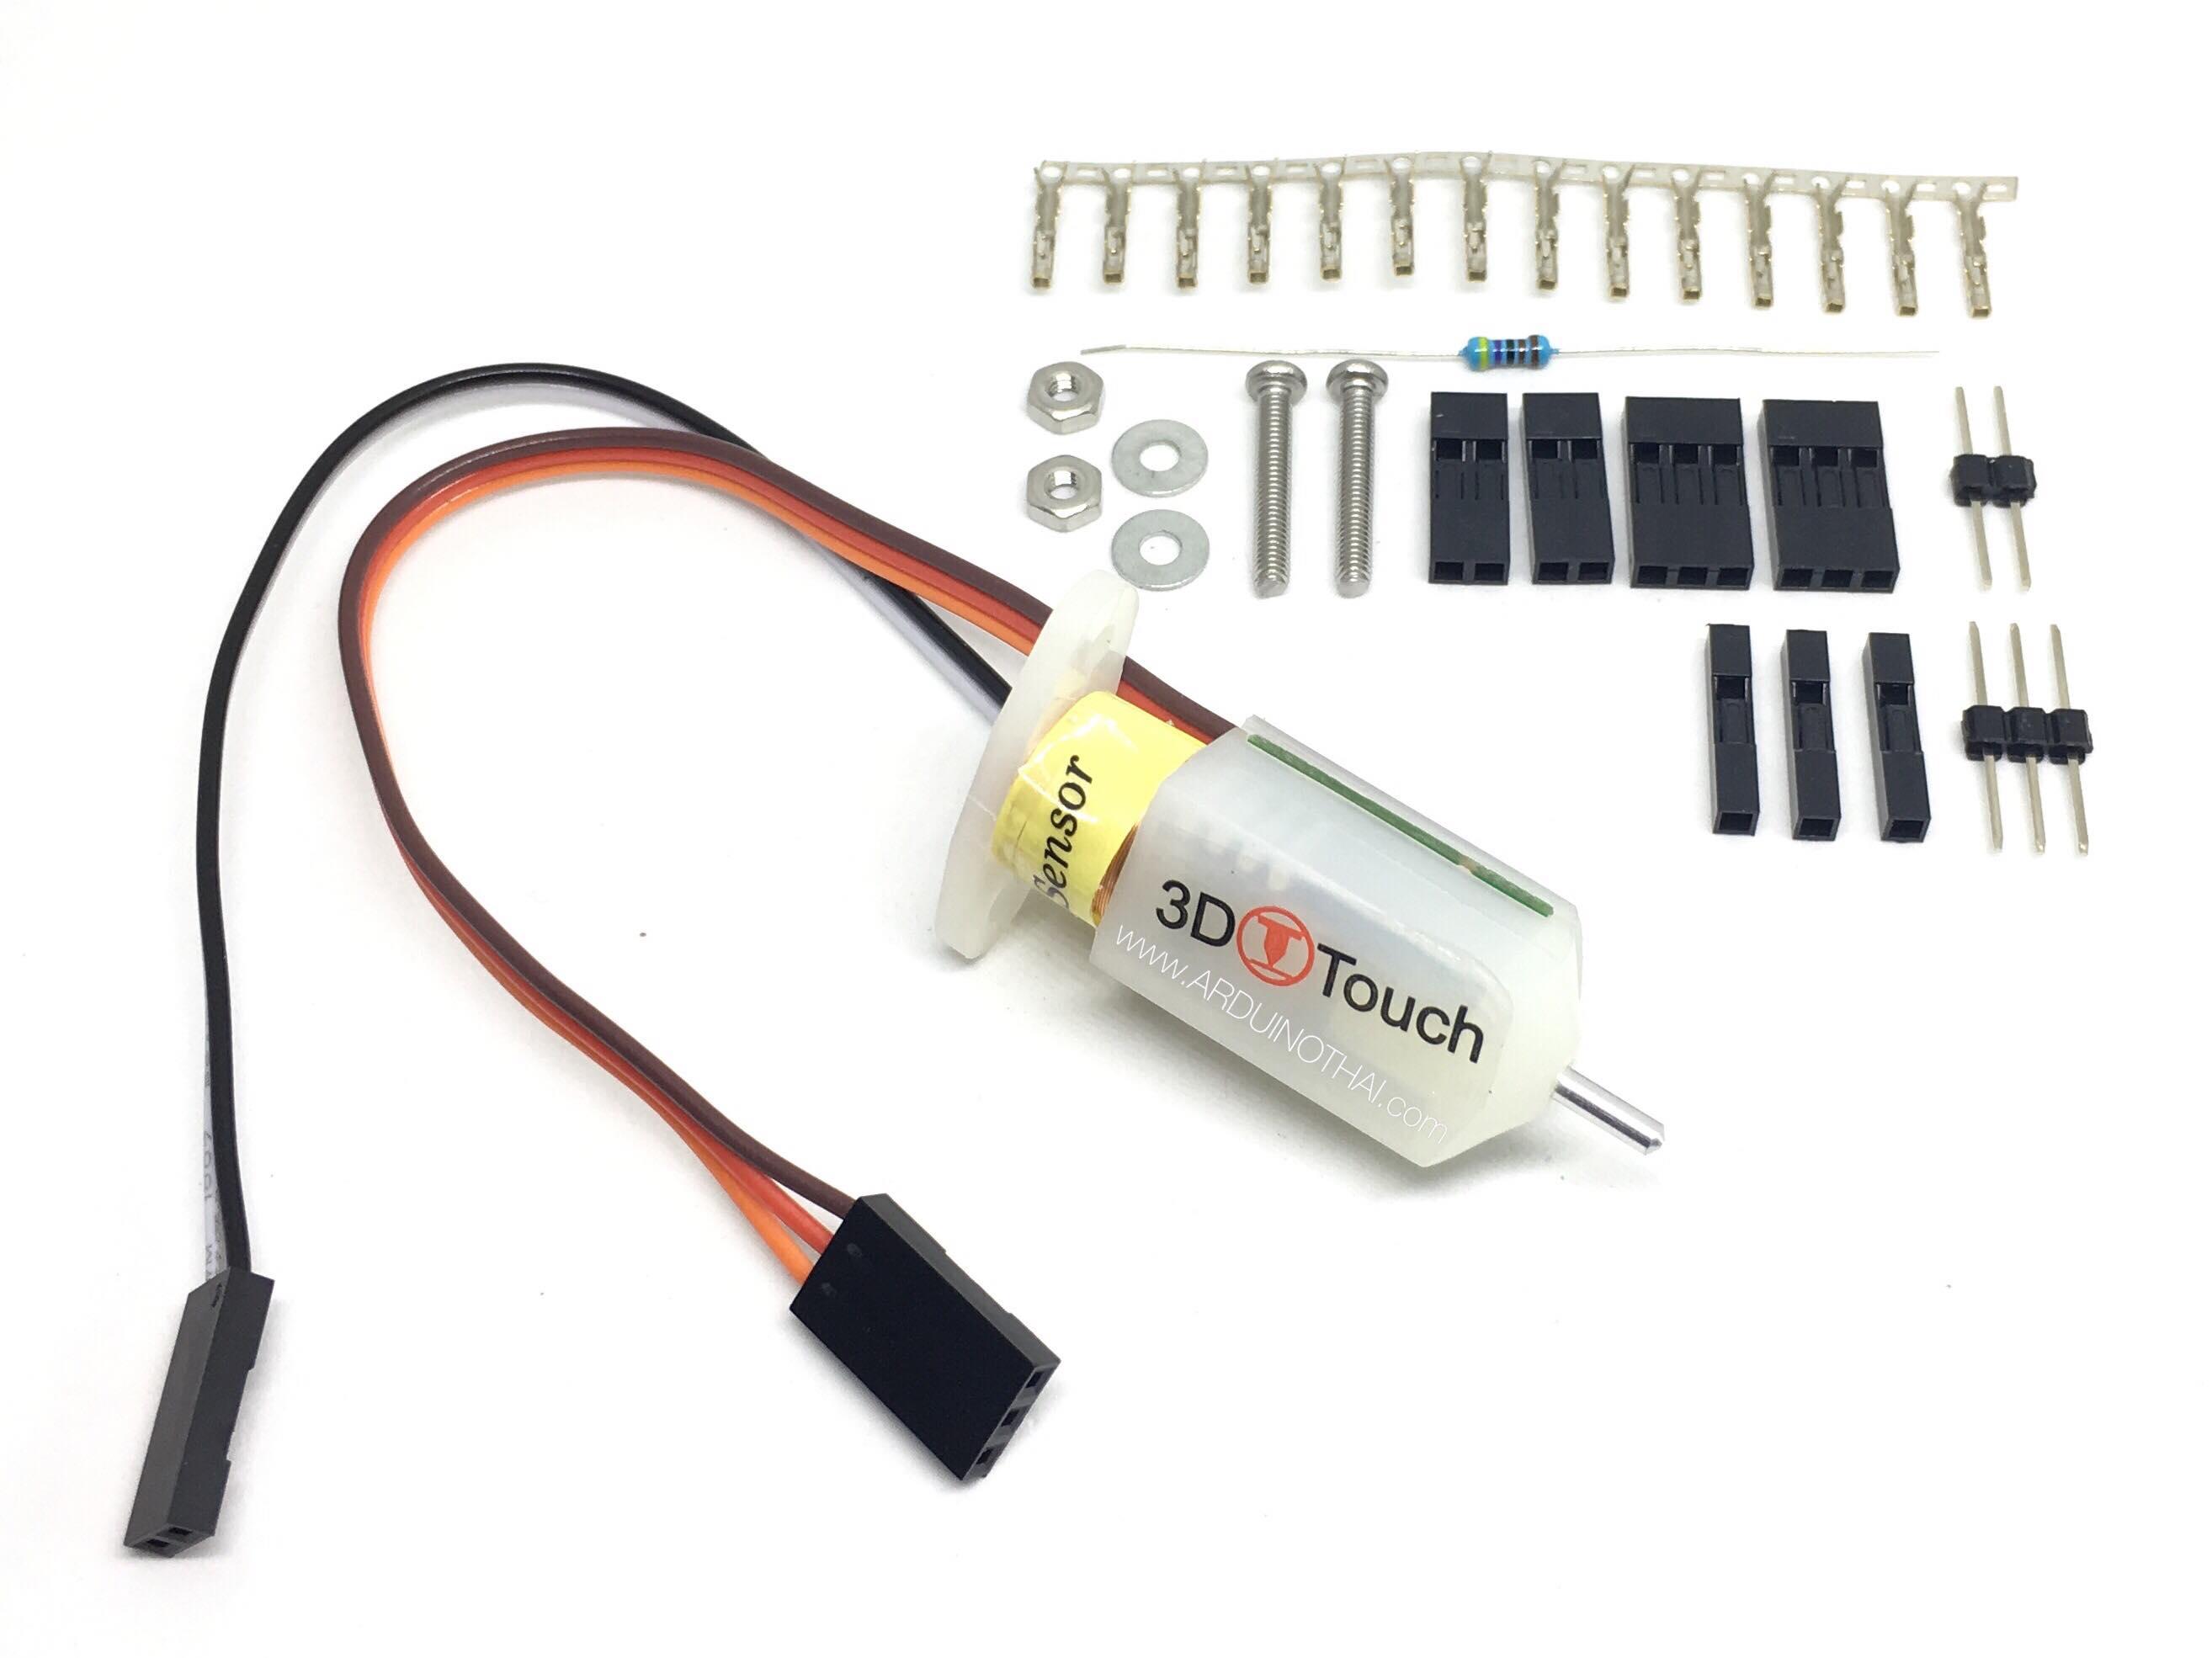 3D Touch Auto Leveling Sensor